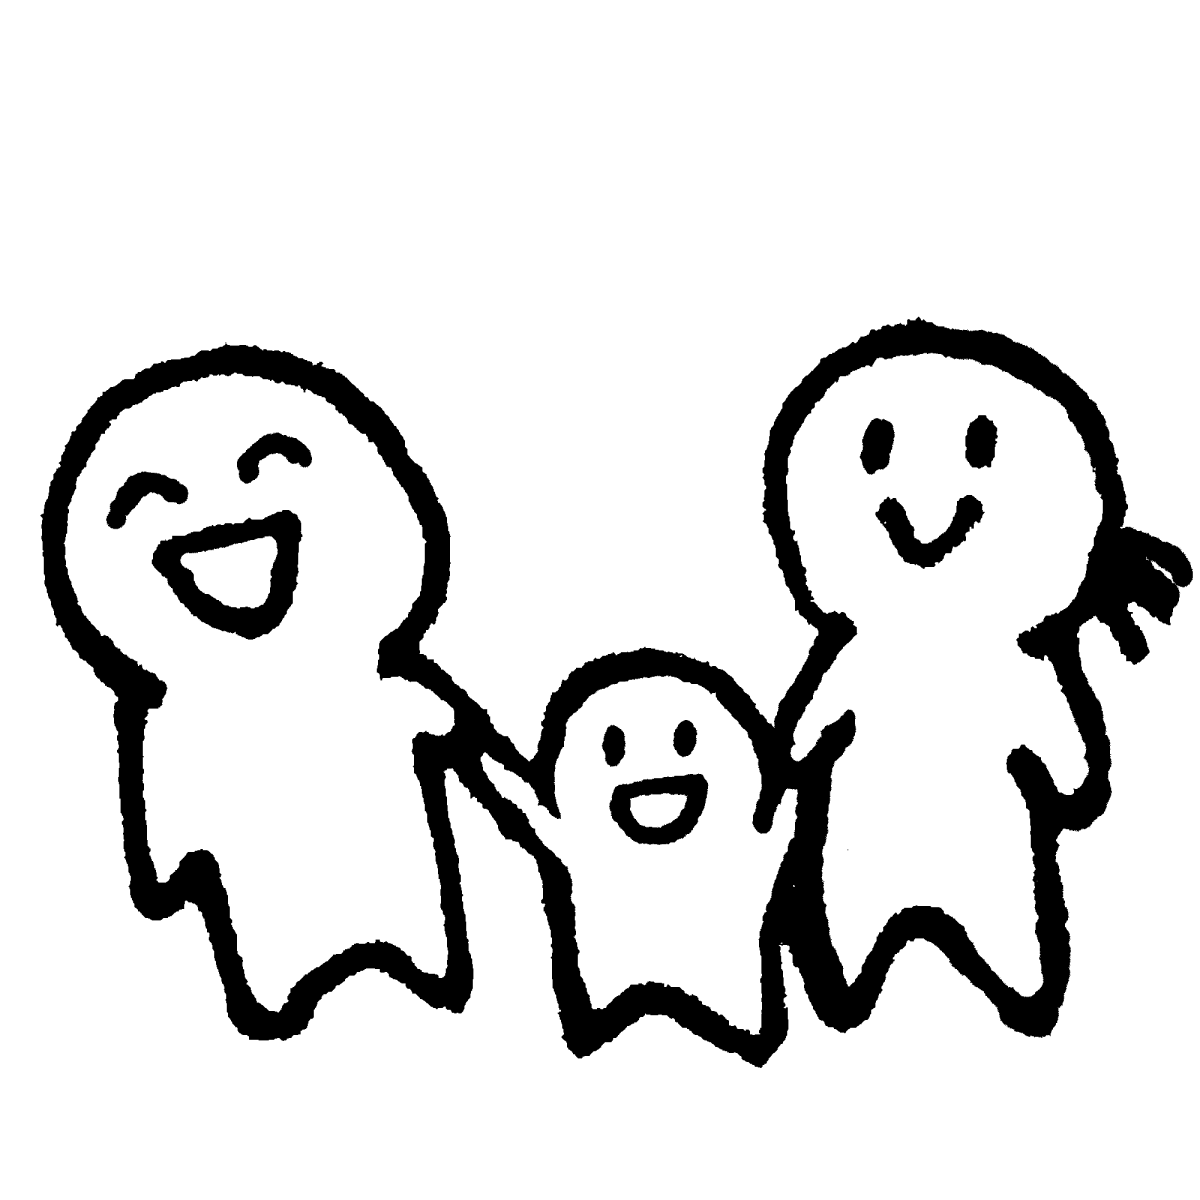 3人家族/その1のイラスト Daddy, mommy, kid.  Illustration